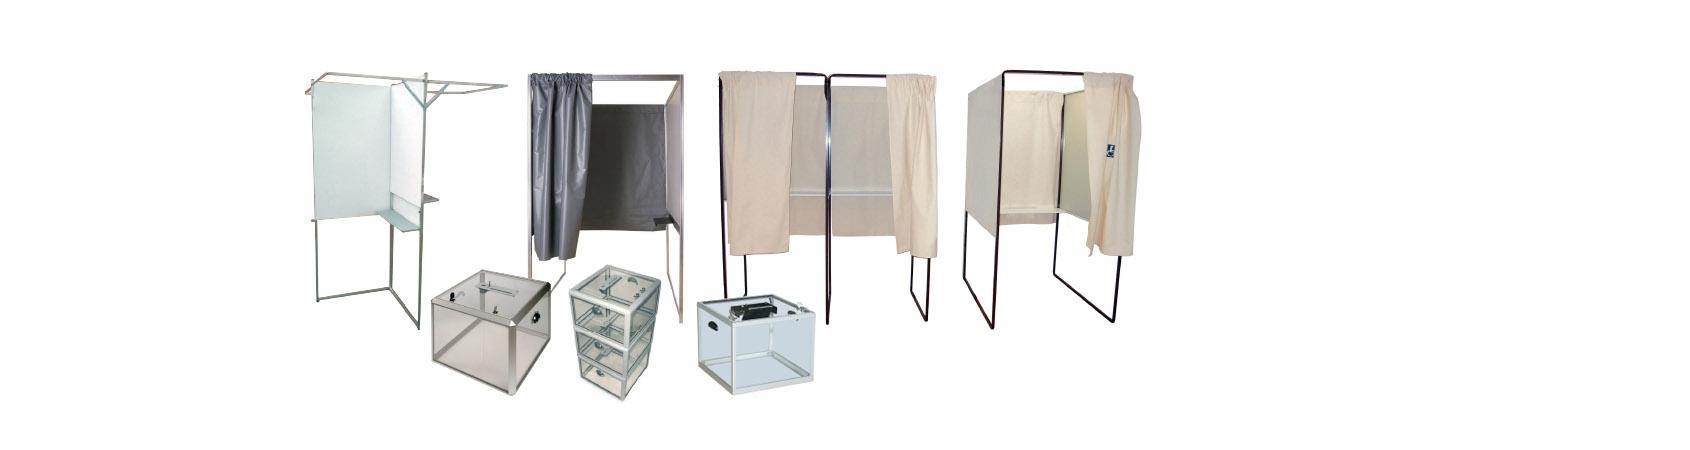 Isoloir de vote et urne électorale au meilleur prix